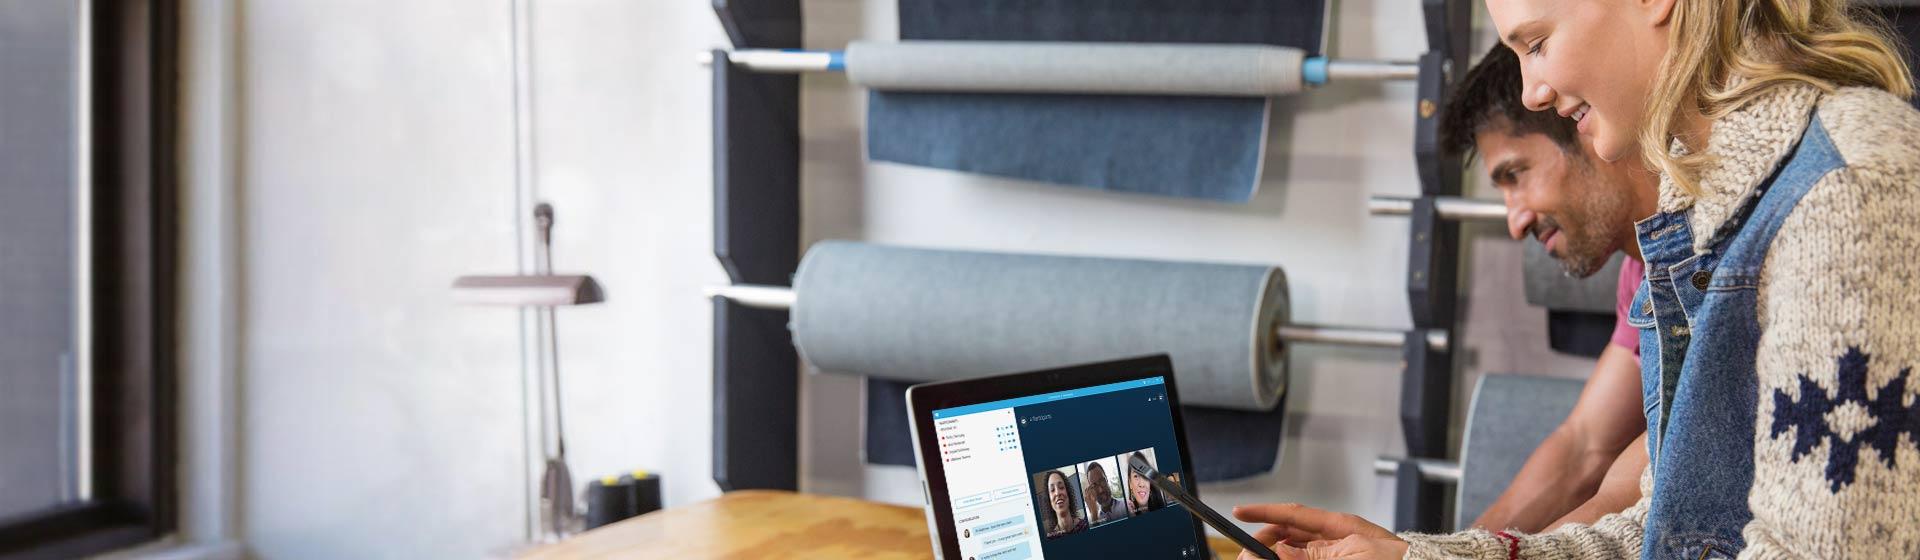 Eine Frau und ein Mann führen eine Skype-Besprechung auf einem Tablet. Die Frau hält ein Smartphone.